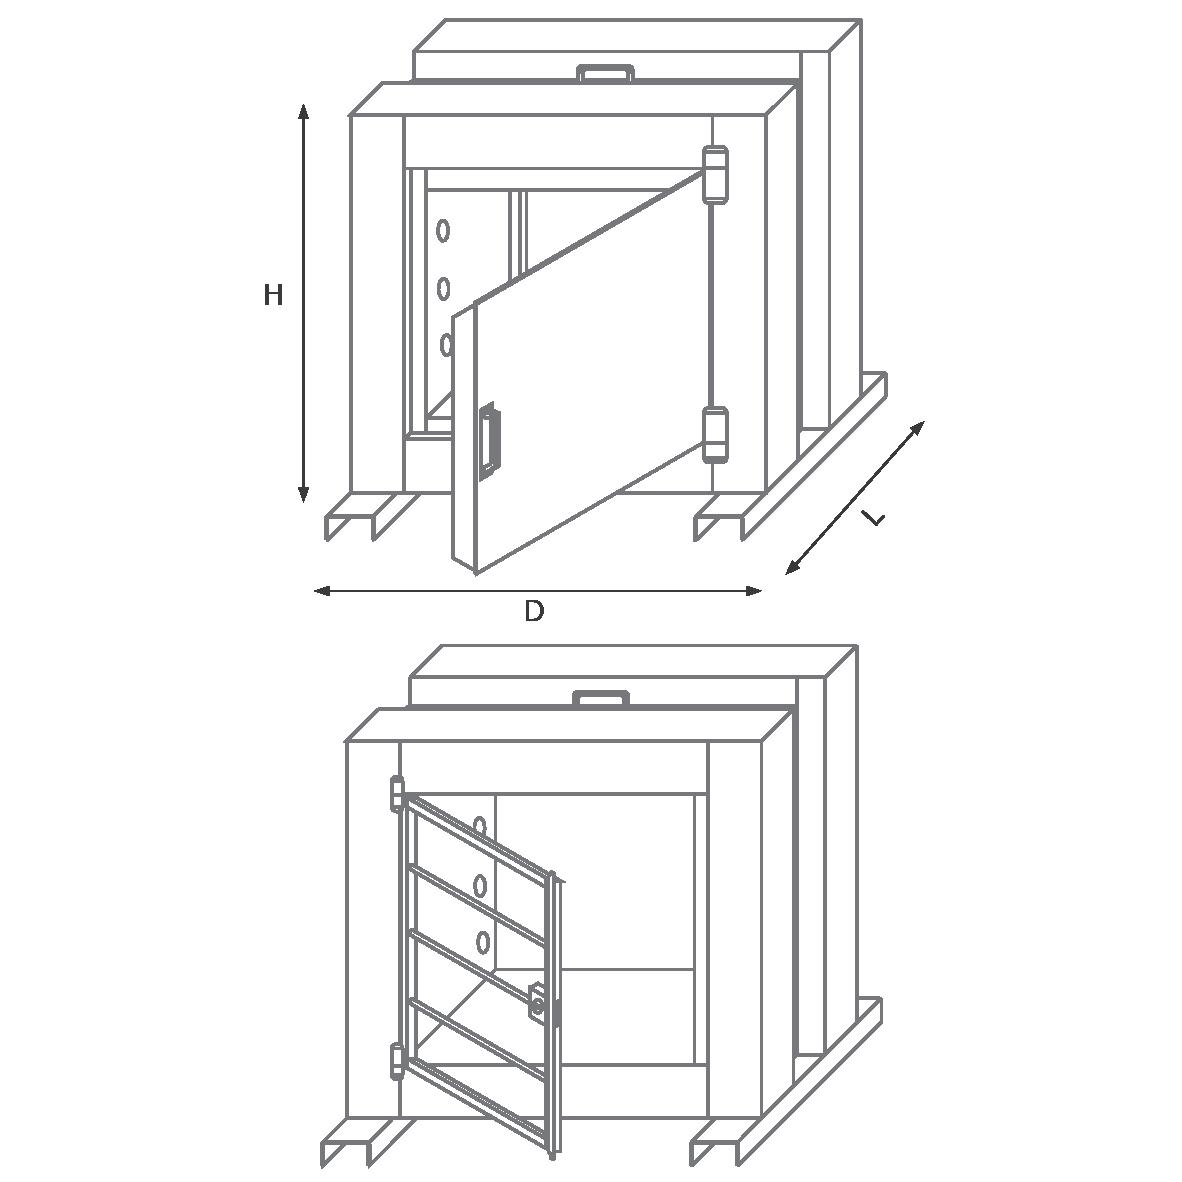 درب فرار50EDR رمز مکانیکی